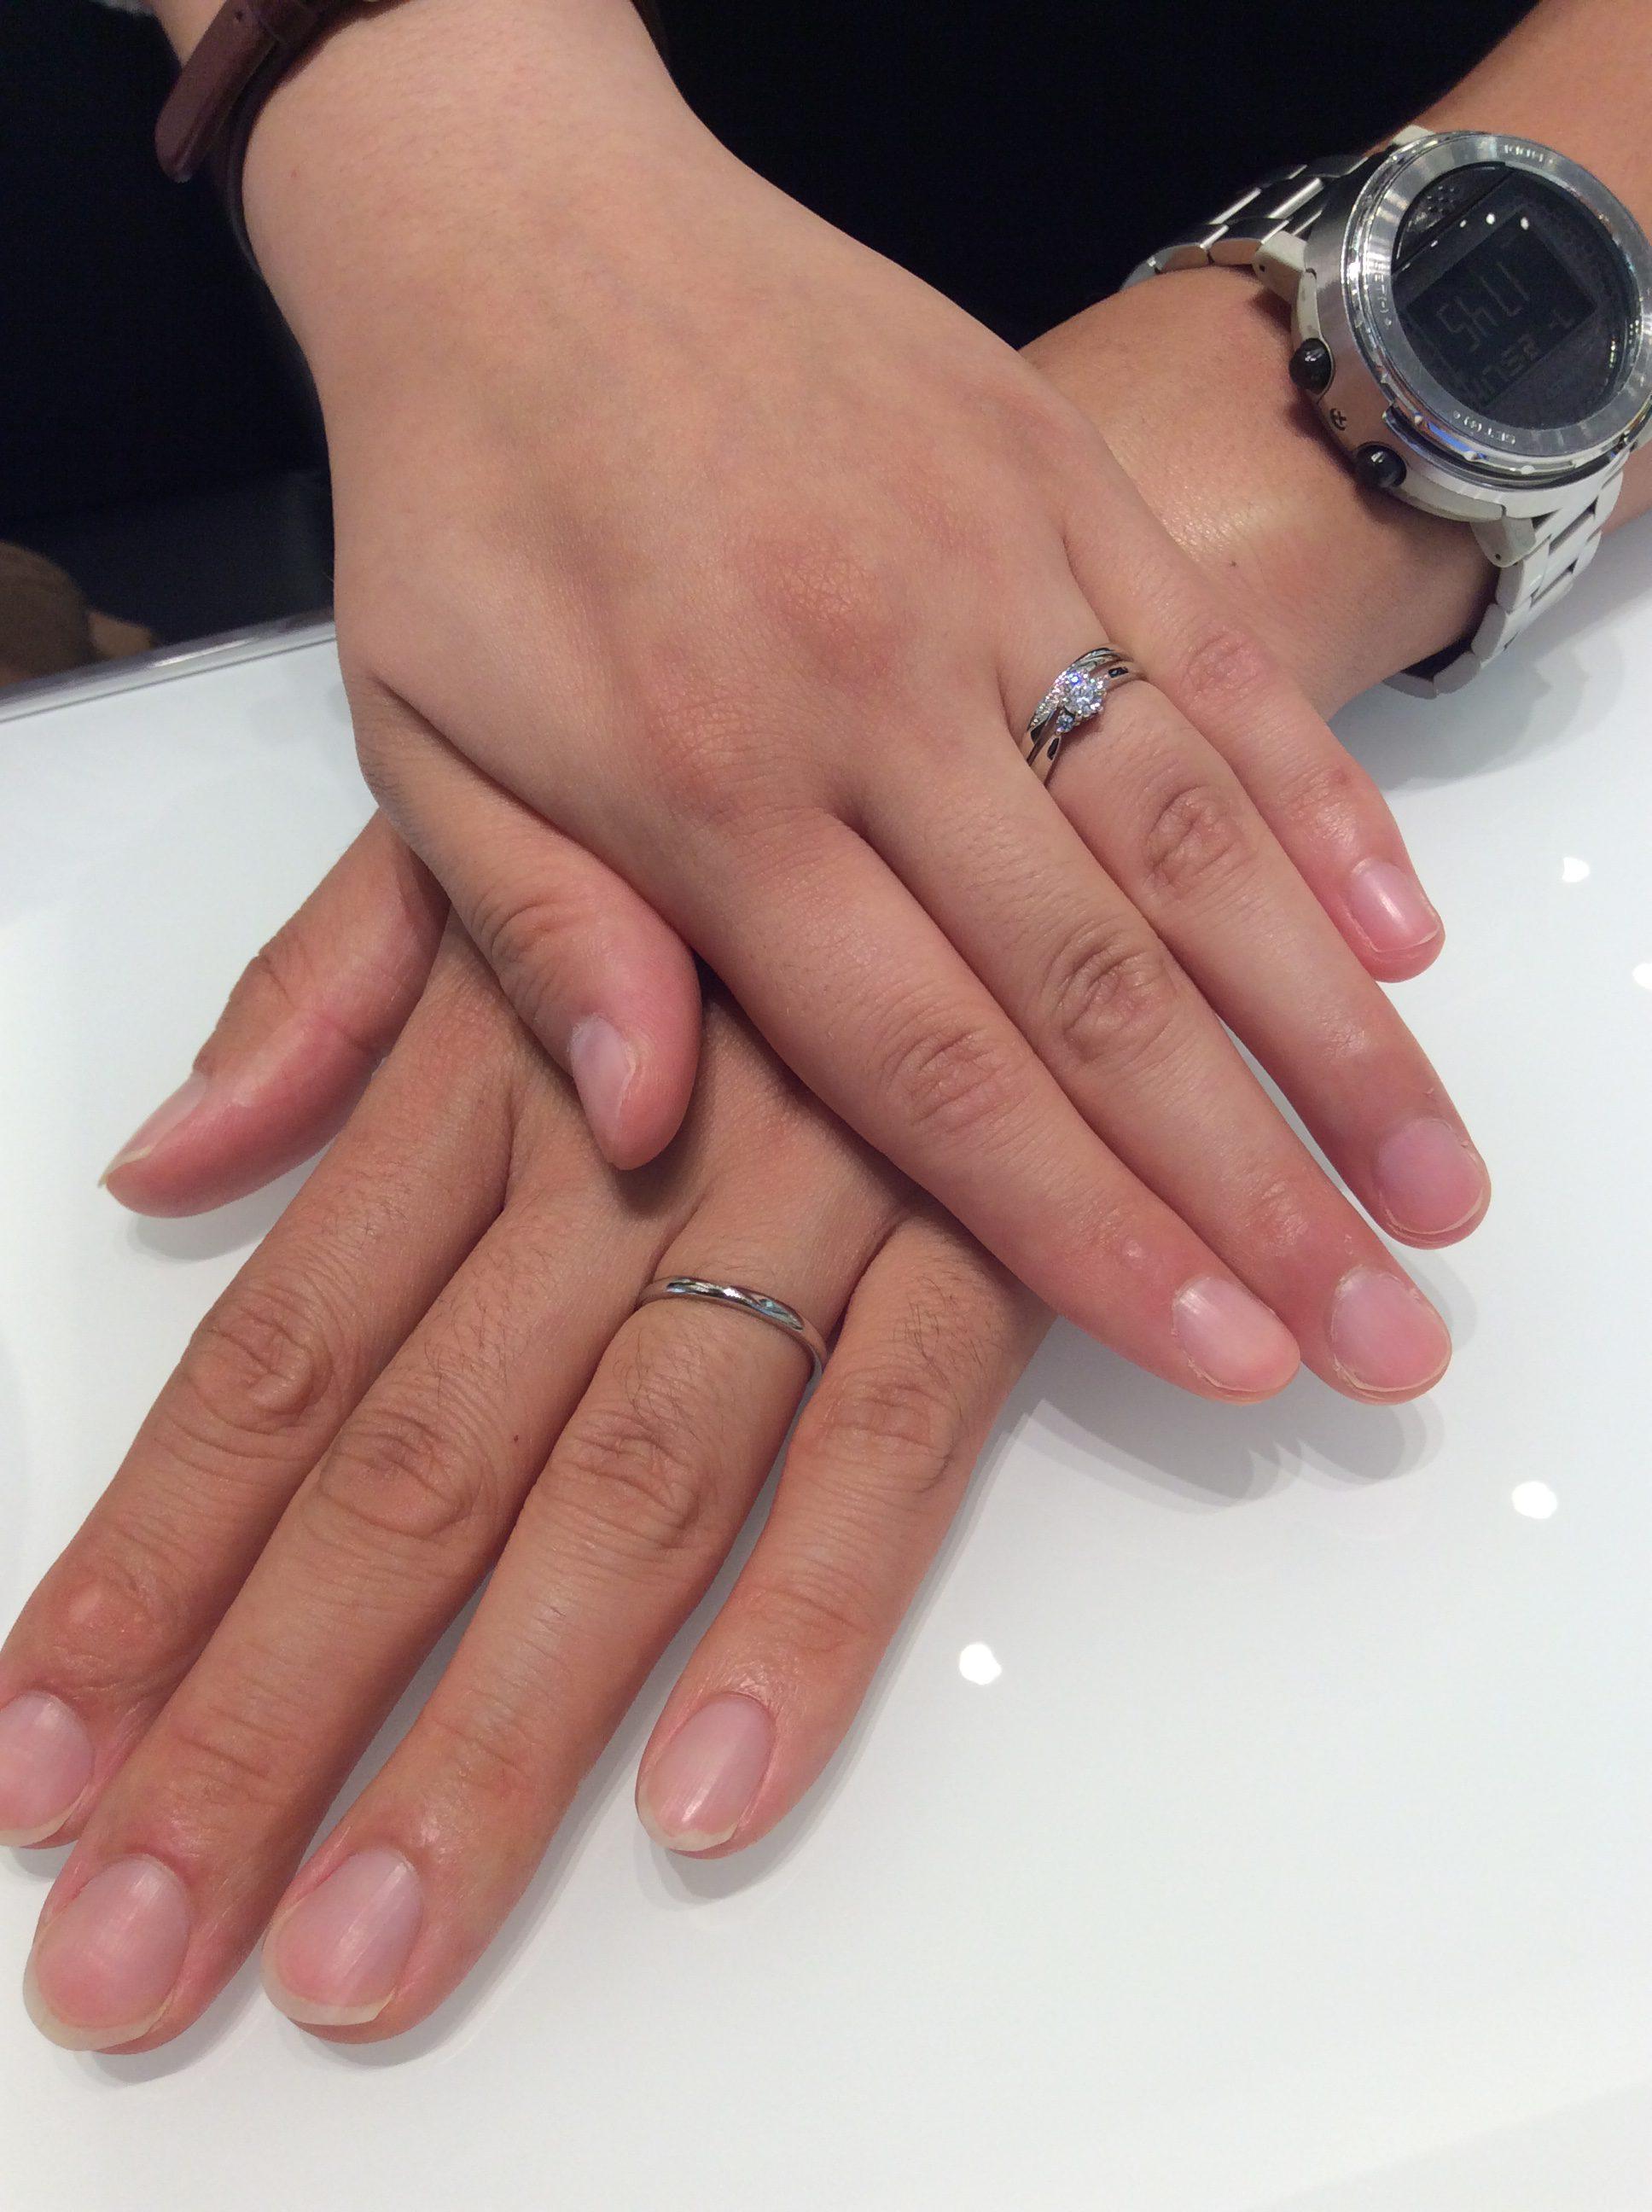 アイスブルーダイヤモンド💎アレンジの婚約指輪「ラフィネ」(長岡市/H様ご夫婦様)